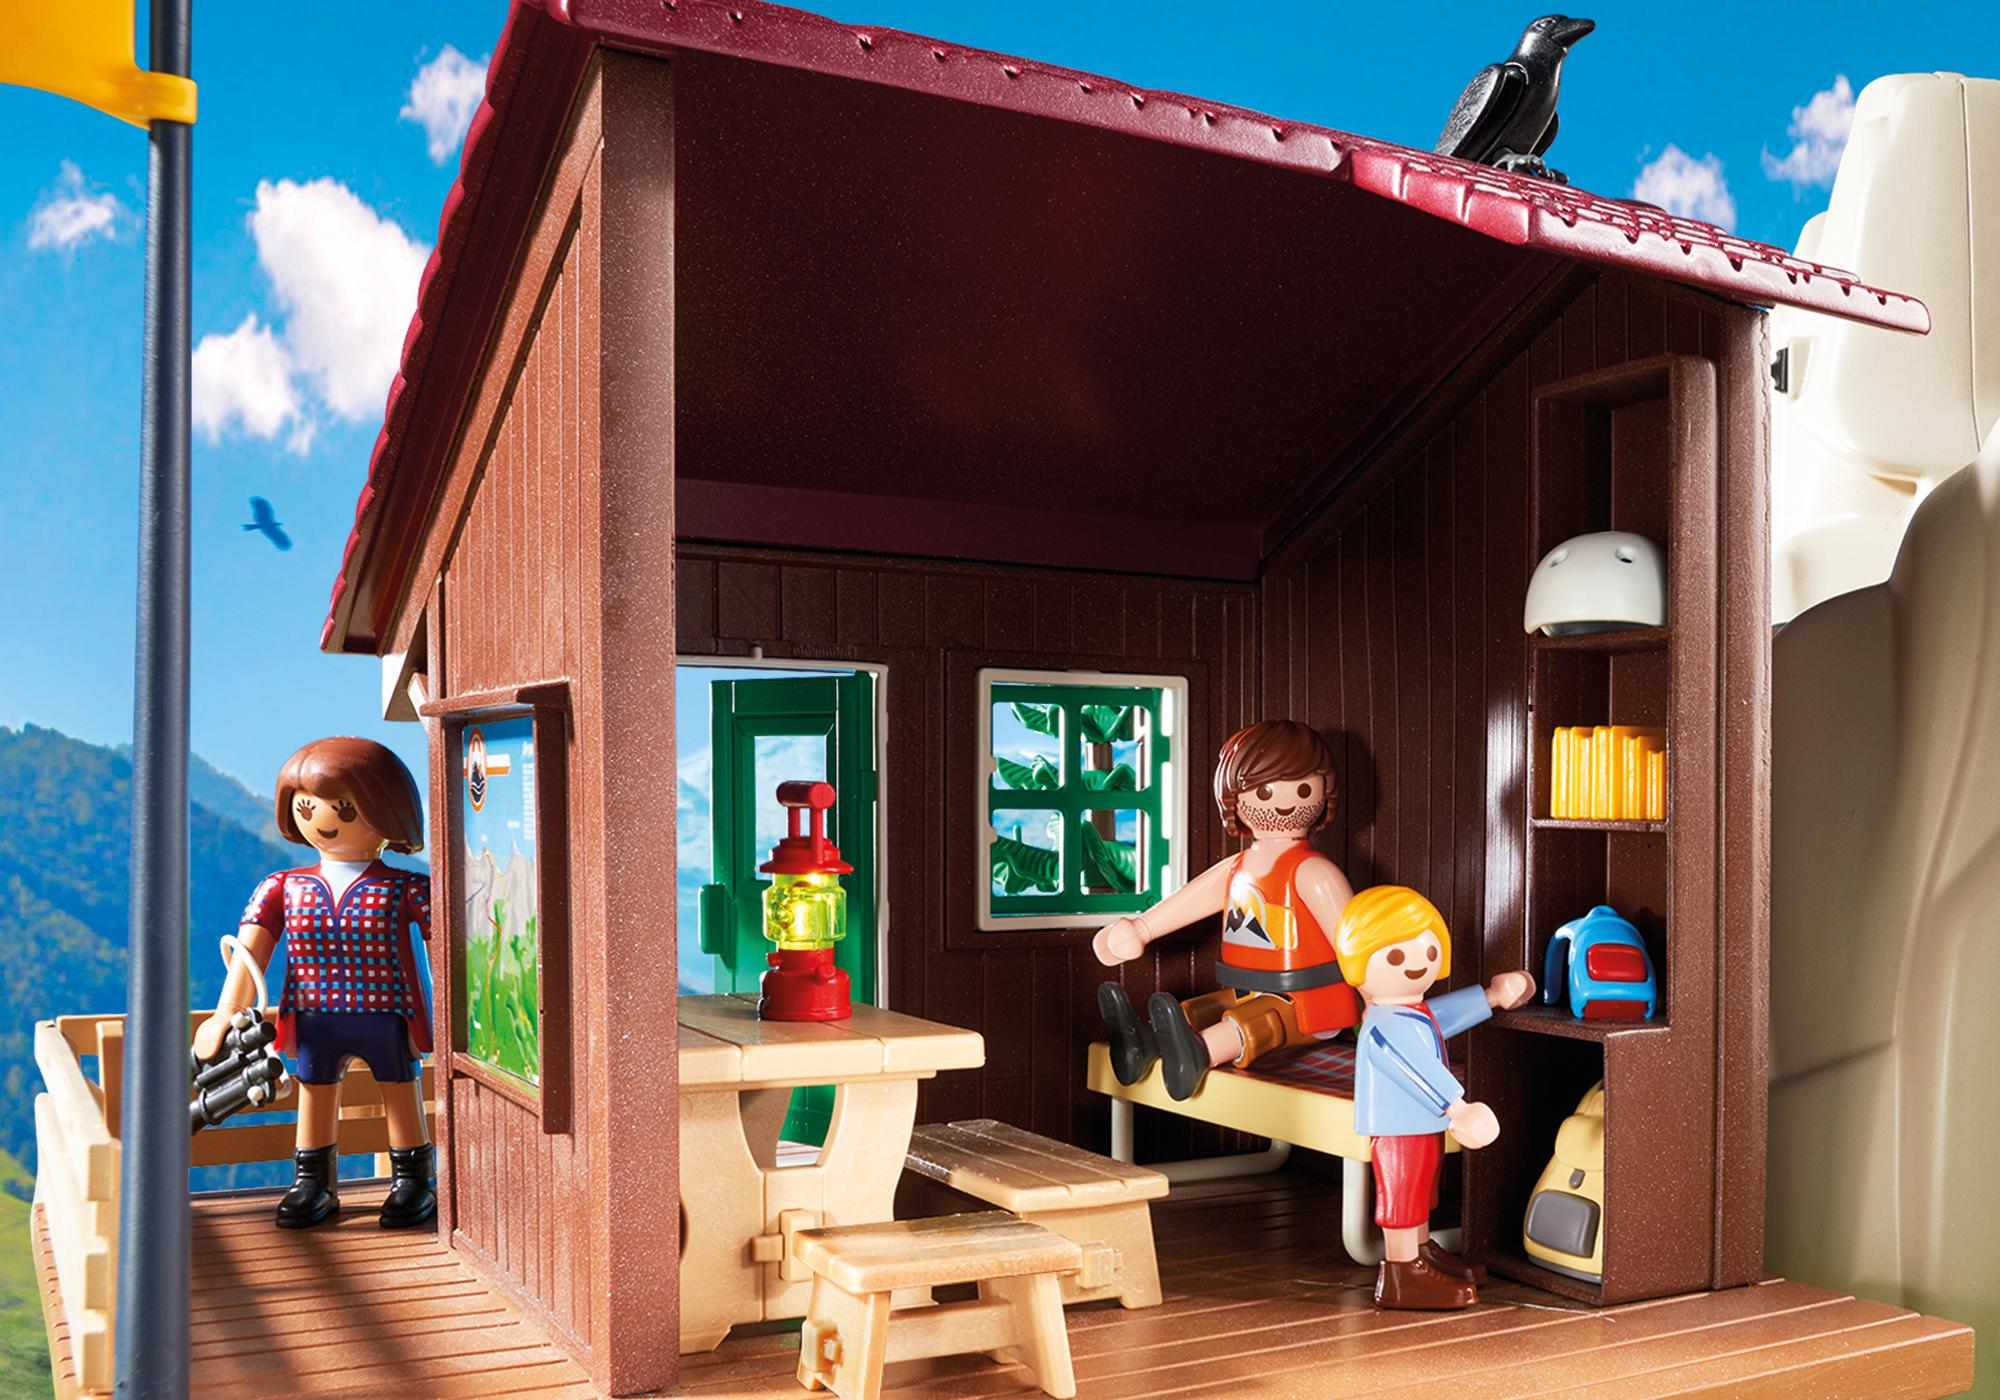 http://media.playmobil.com/i/playmobil/9126_product_extra4/Rocher d'escalade avec espace d'accueil